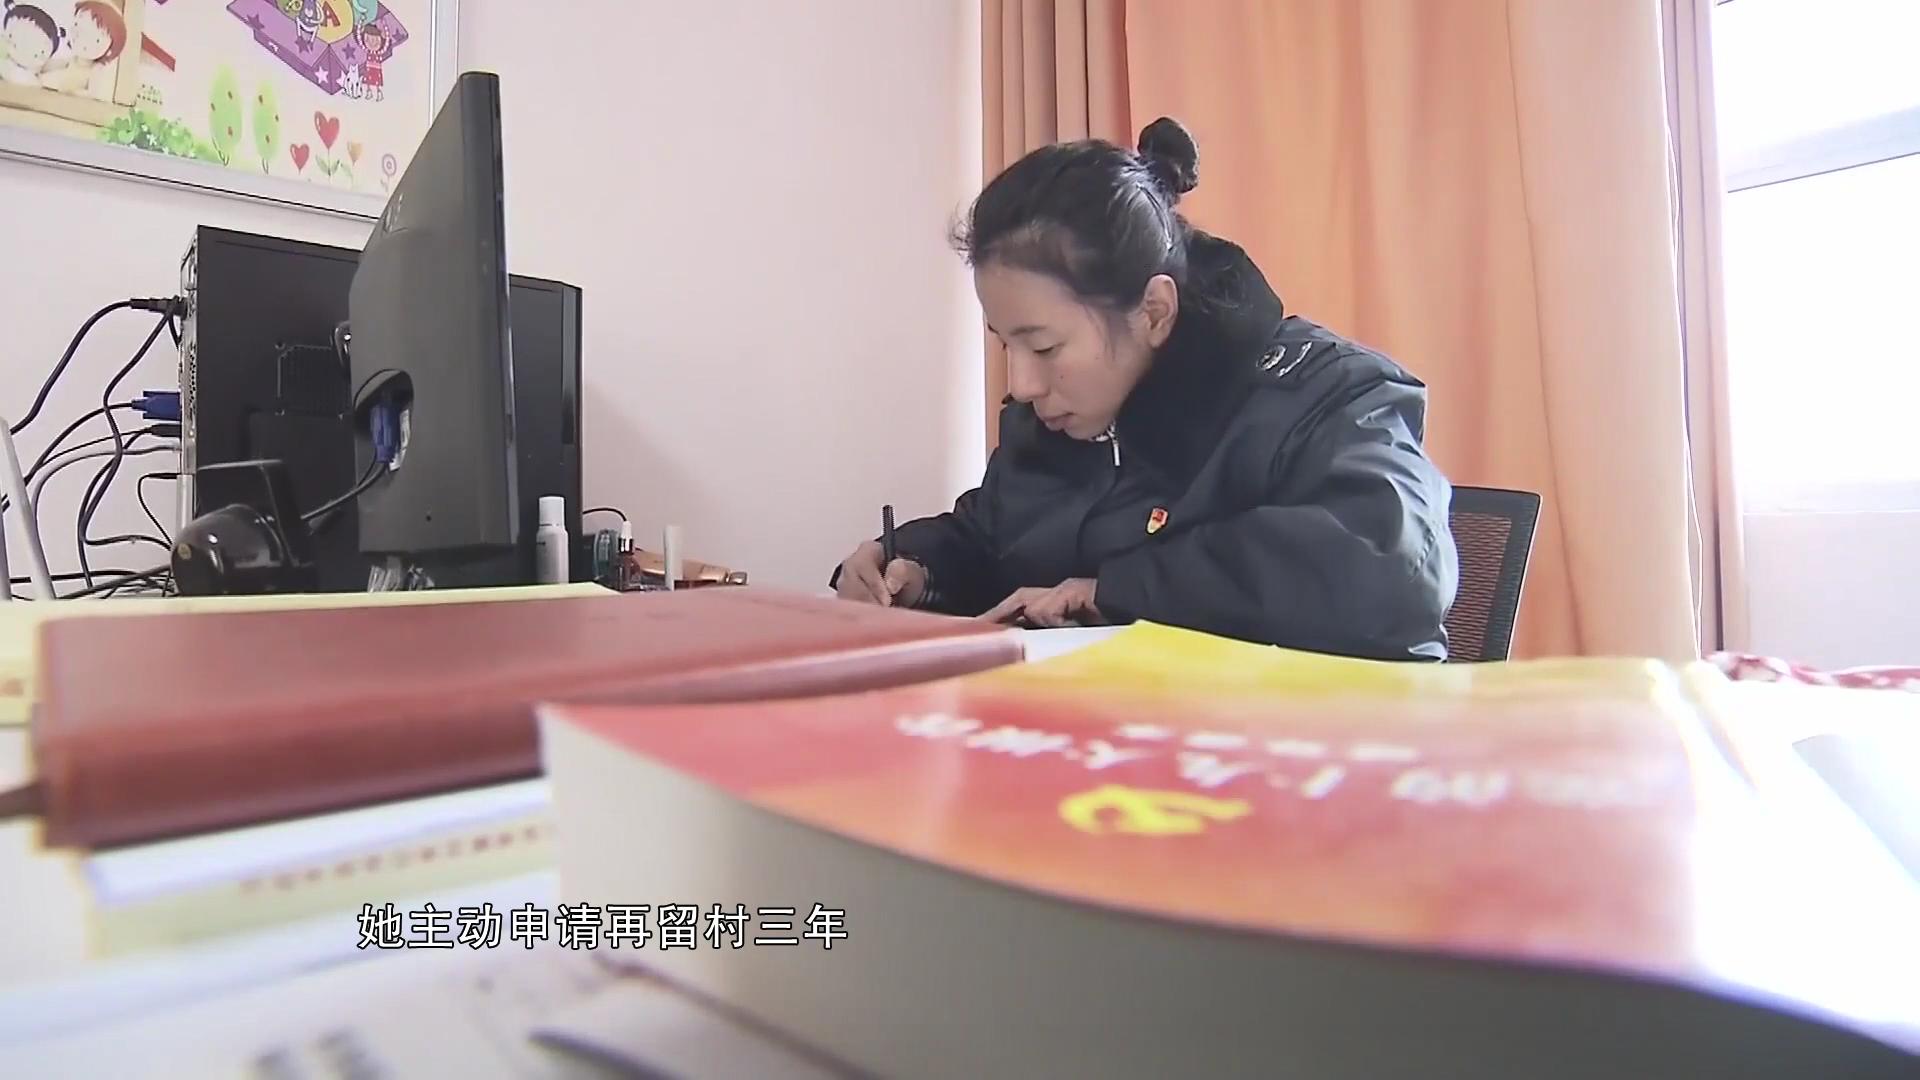 中国好人刘双燕短片与现场访谈[00_02_40][20200317-151549].png